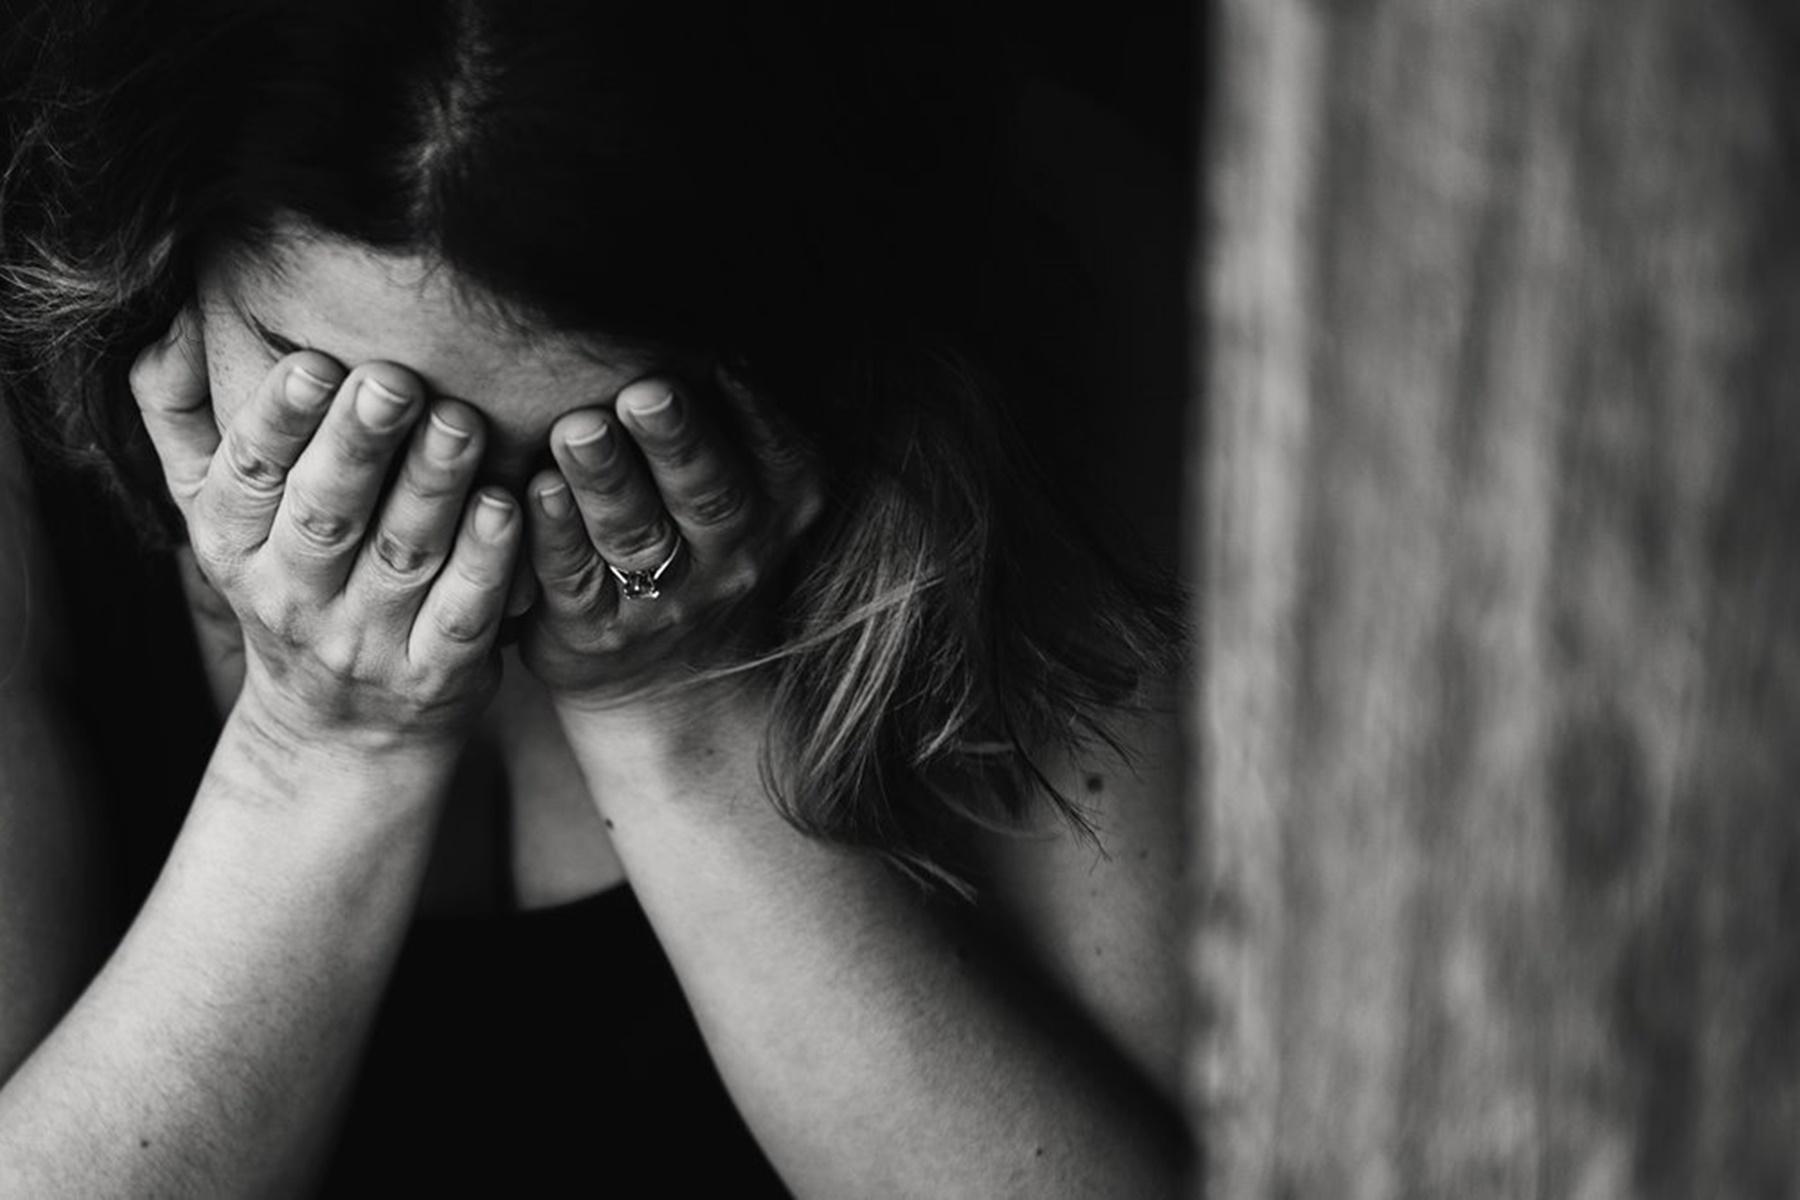 Κατάθλιψη : Συμβουλές για να την καταπολεμήσετε